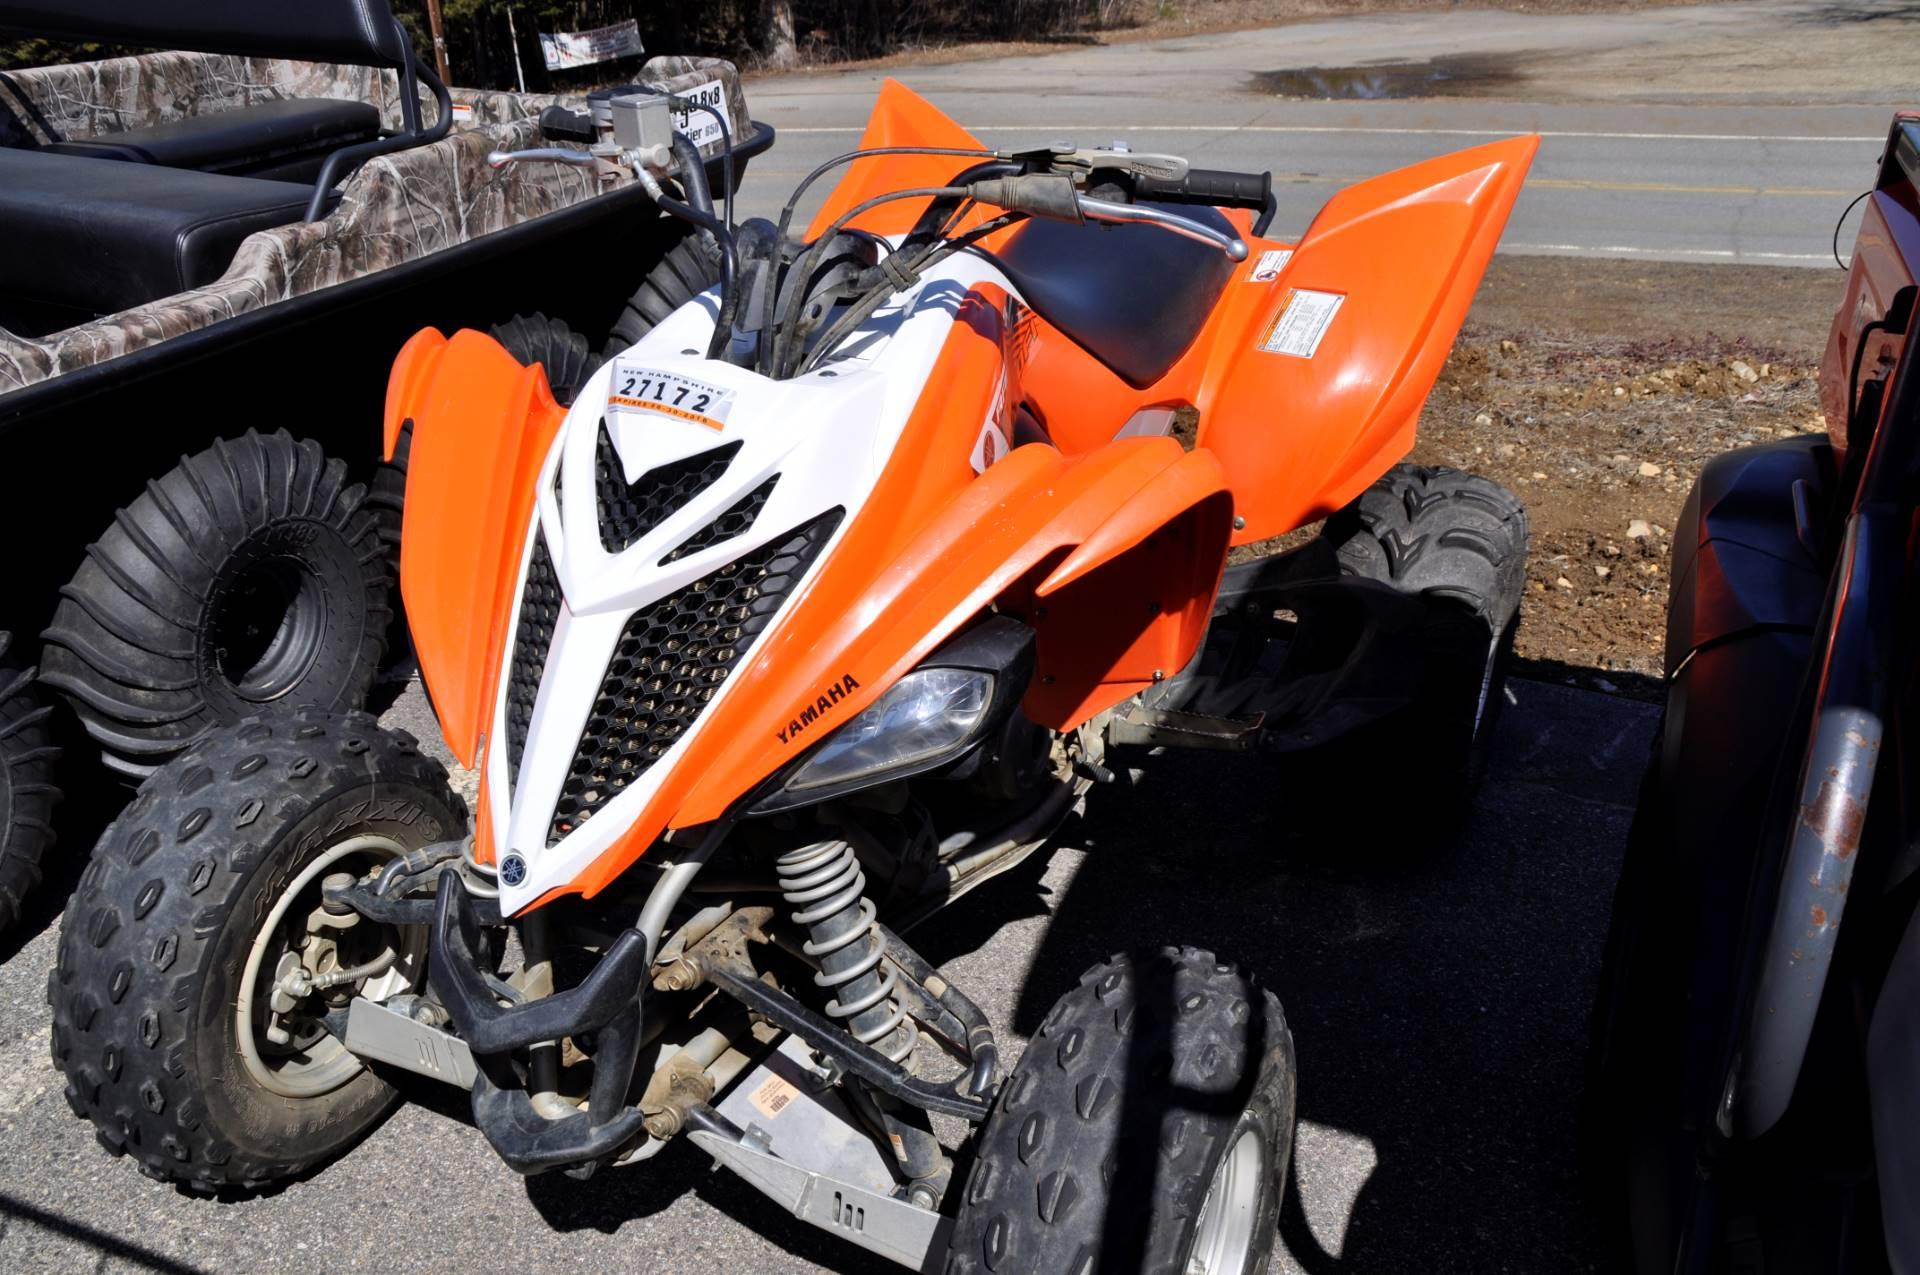 2014 Yamaha Raptor 700 for sale 144235